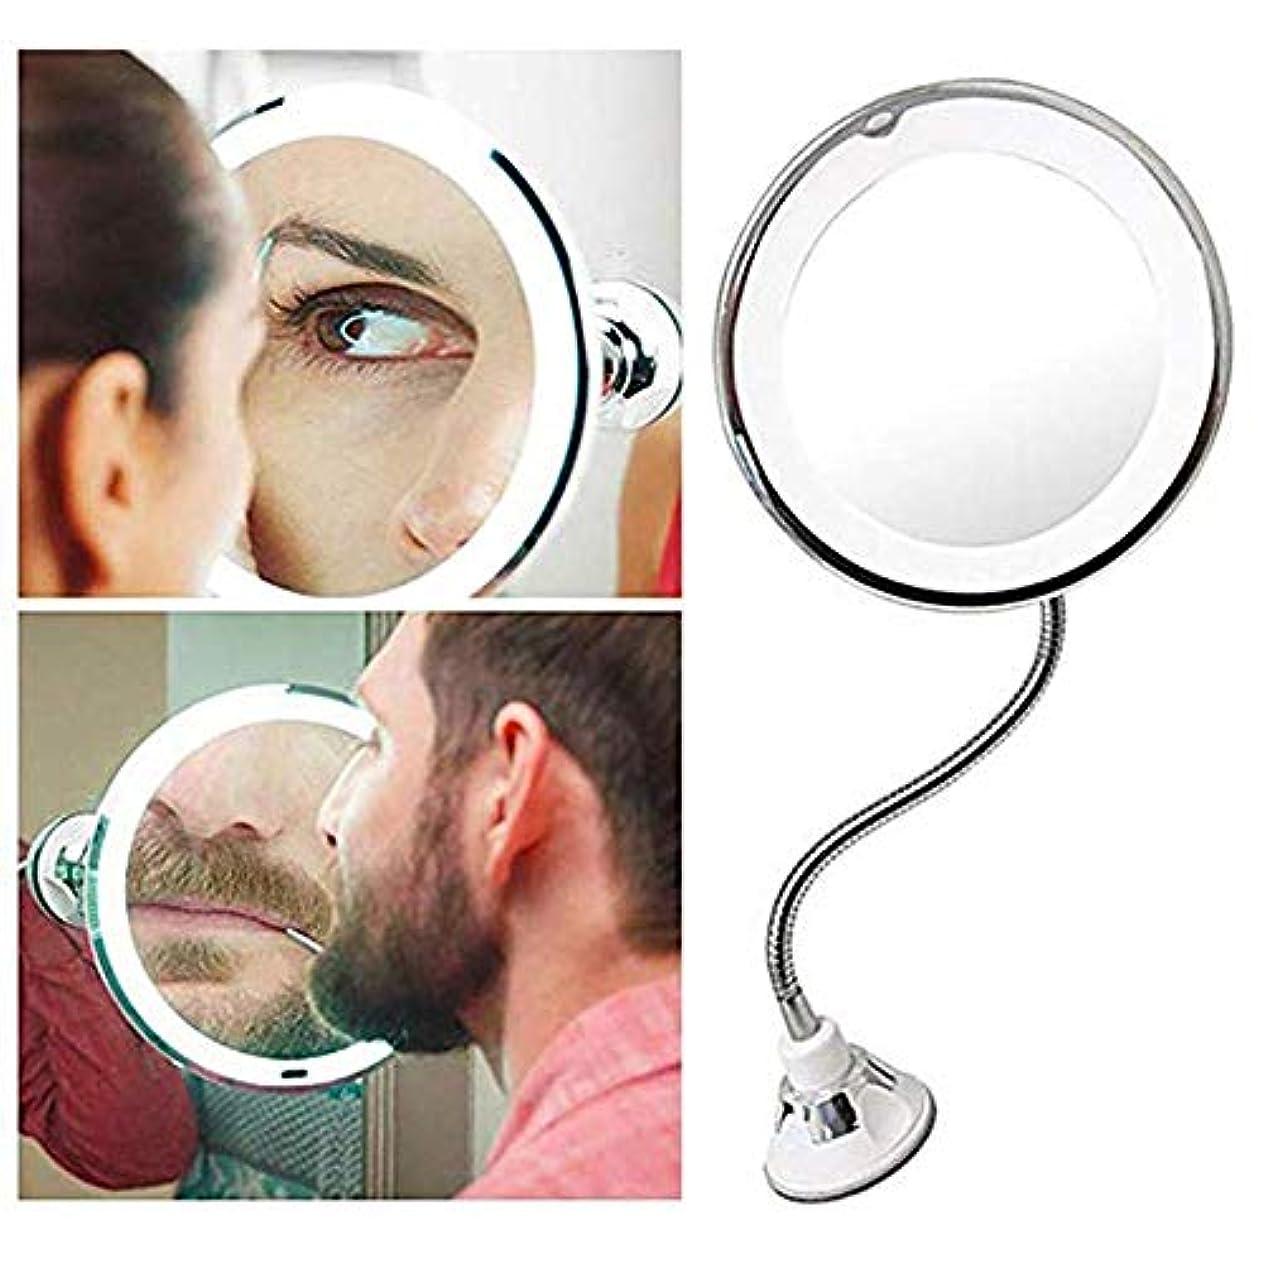 麺レール予報7倍 LED化粧鏡 風呂鏡 吸盤ロック付き 浴室鏡 化粧ミラー 360度回転 メイクミラー LUERME 吸盤ロック付き 化粧ミラー シャワーミラー 鏡面直径17CM